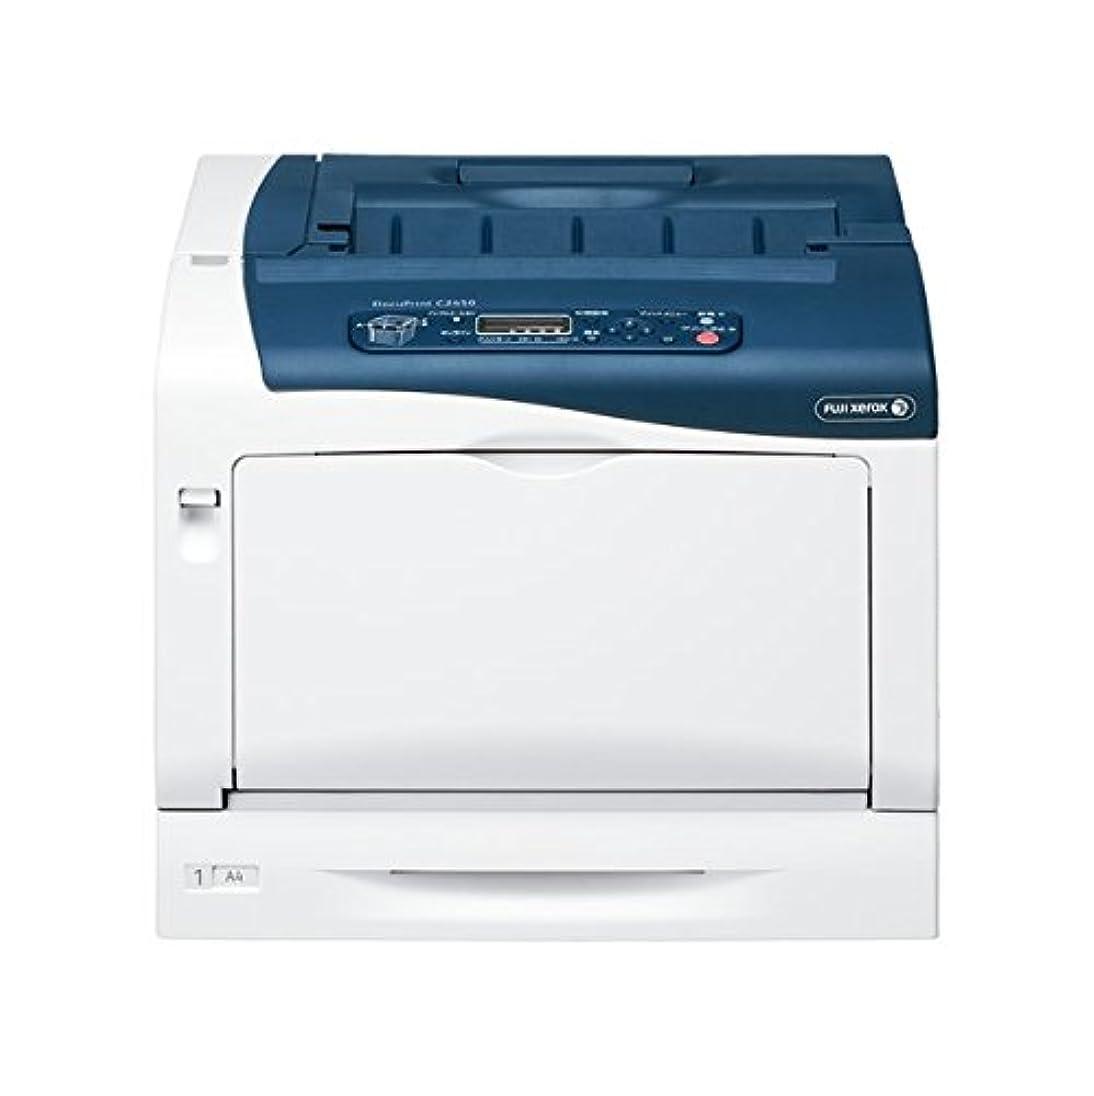 センチメンタルホイストアルファベットDocuPrint C2450 (A3カラーレーザープリンタ) 富士ゼロックス